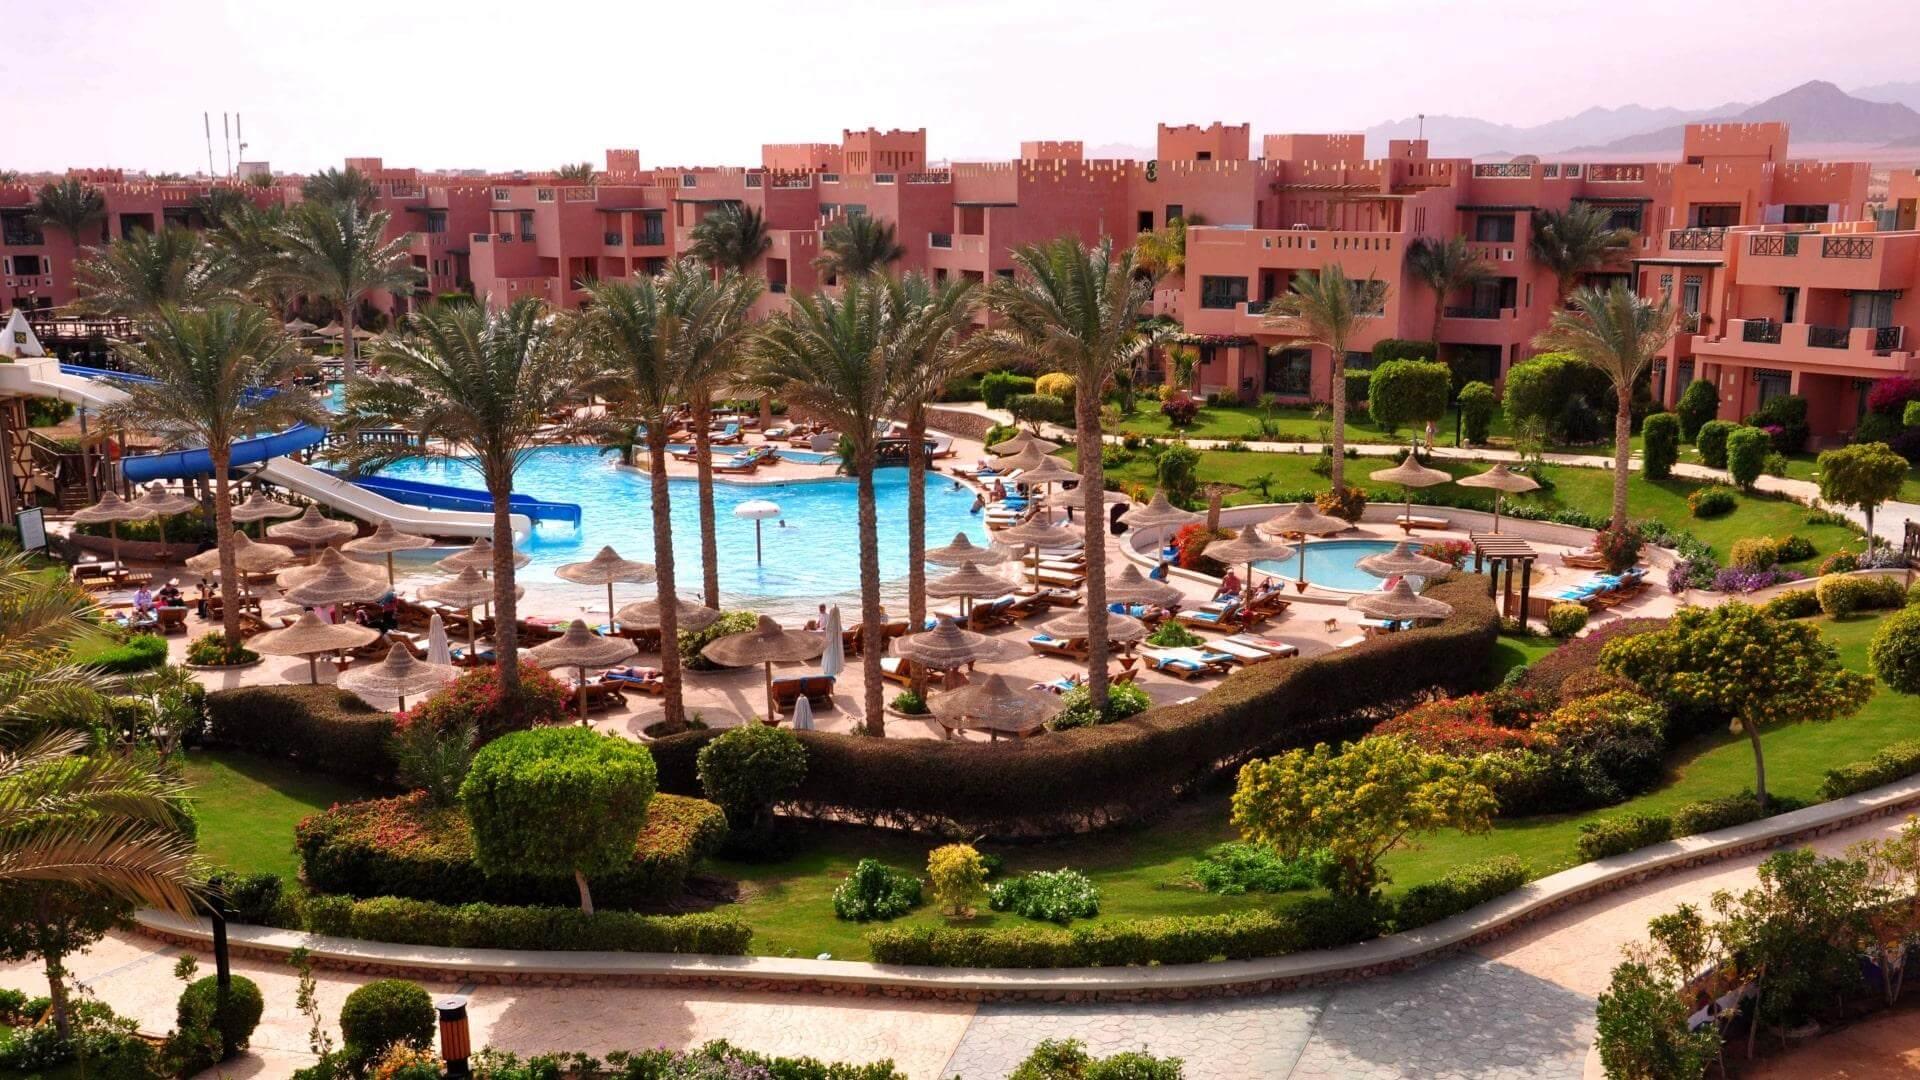 Отель Rehana Sharm Resort 4* в Шарм-эль-Шейхе